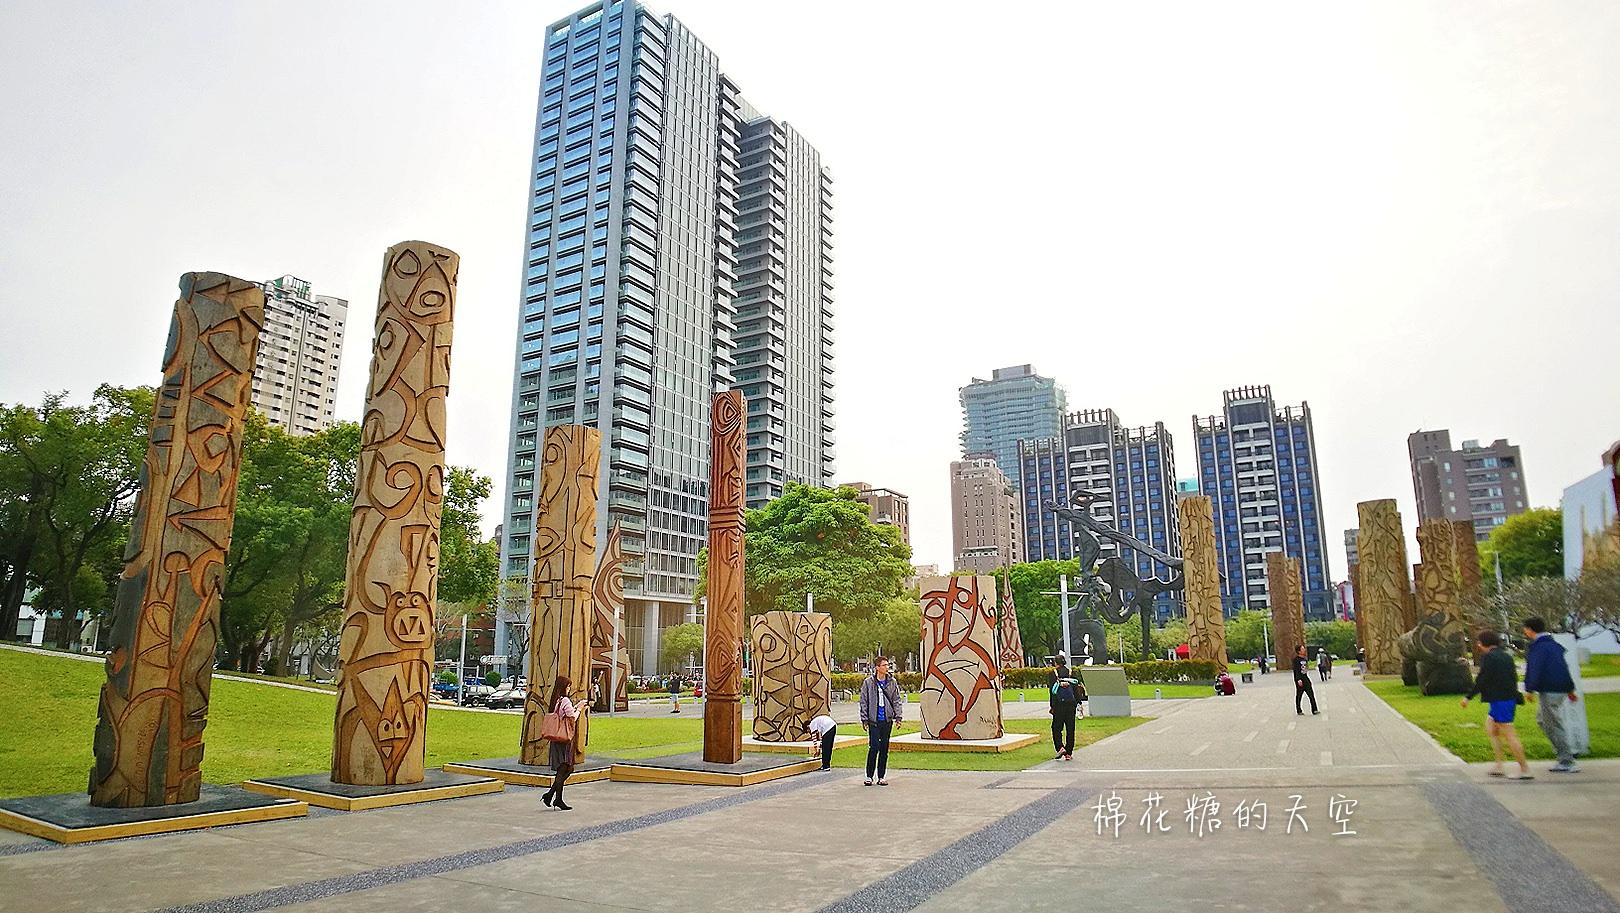 20180319190501 59 - 國立美術館被外星人佔據了?!五層樓高巨型雕塑被巨木圍繞好像電影場景!吳炫三回顧展